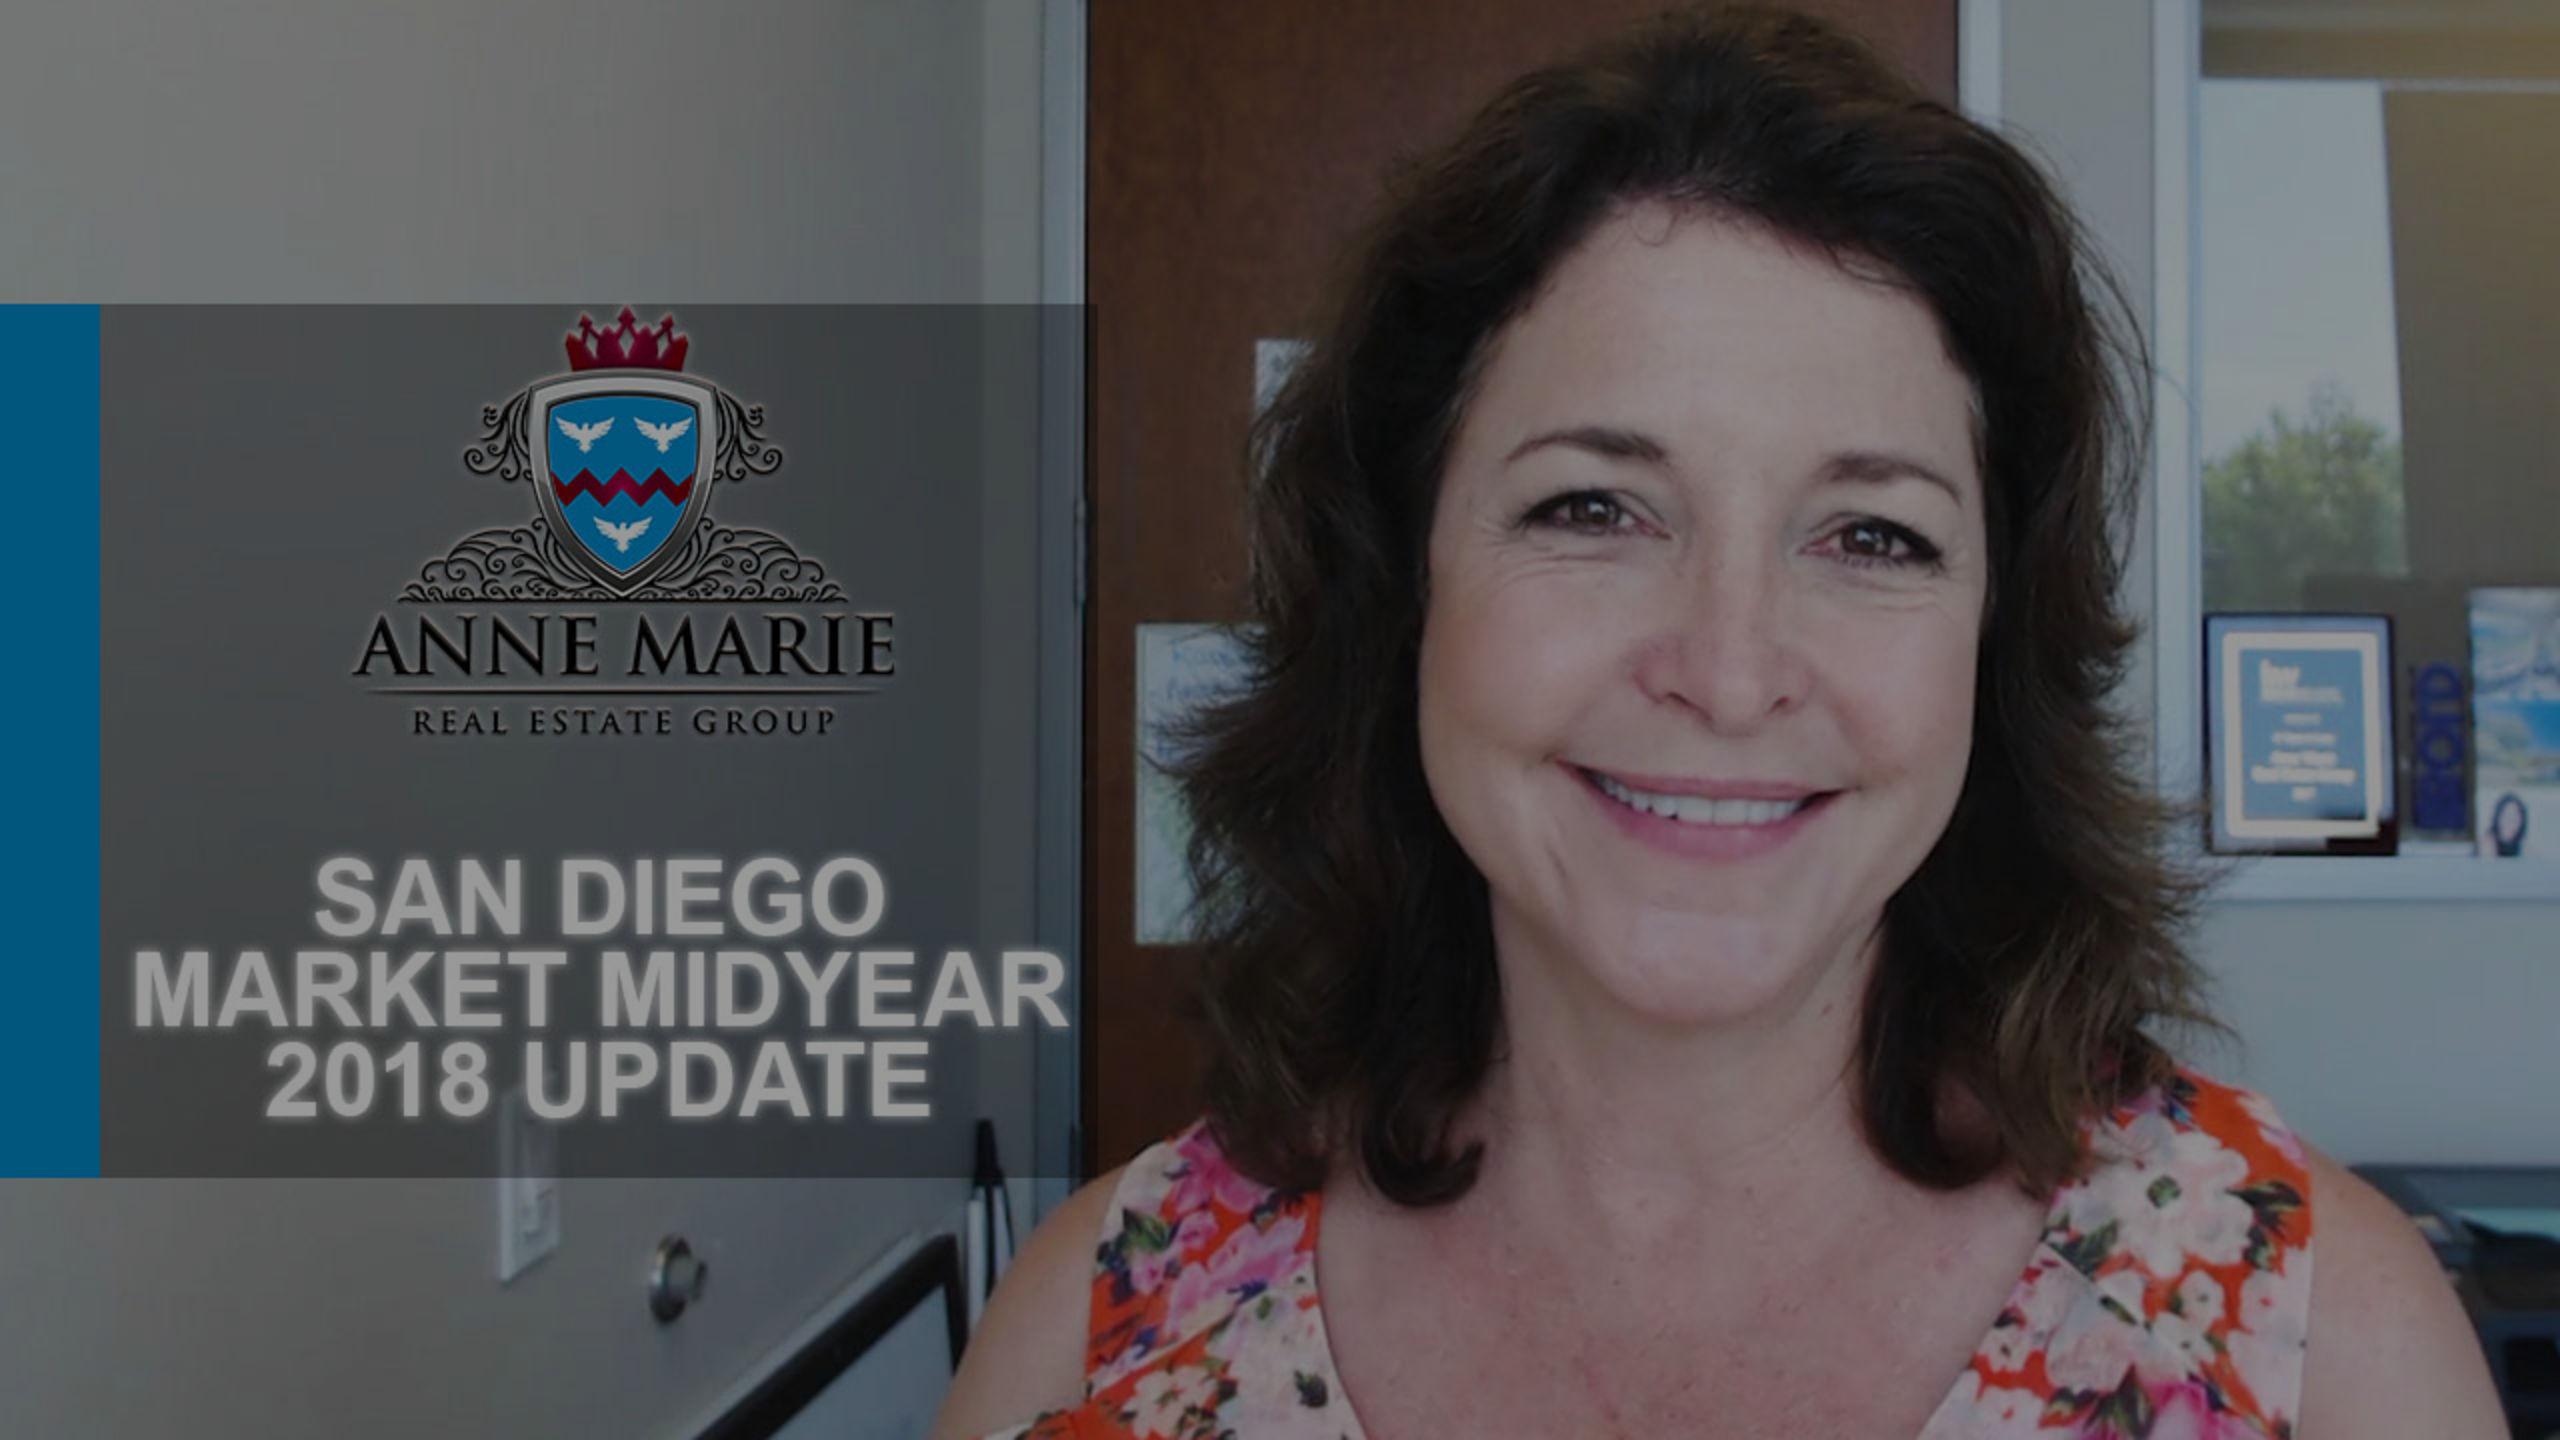 San Diego Market Midyear 2018 Update